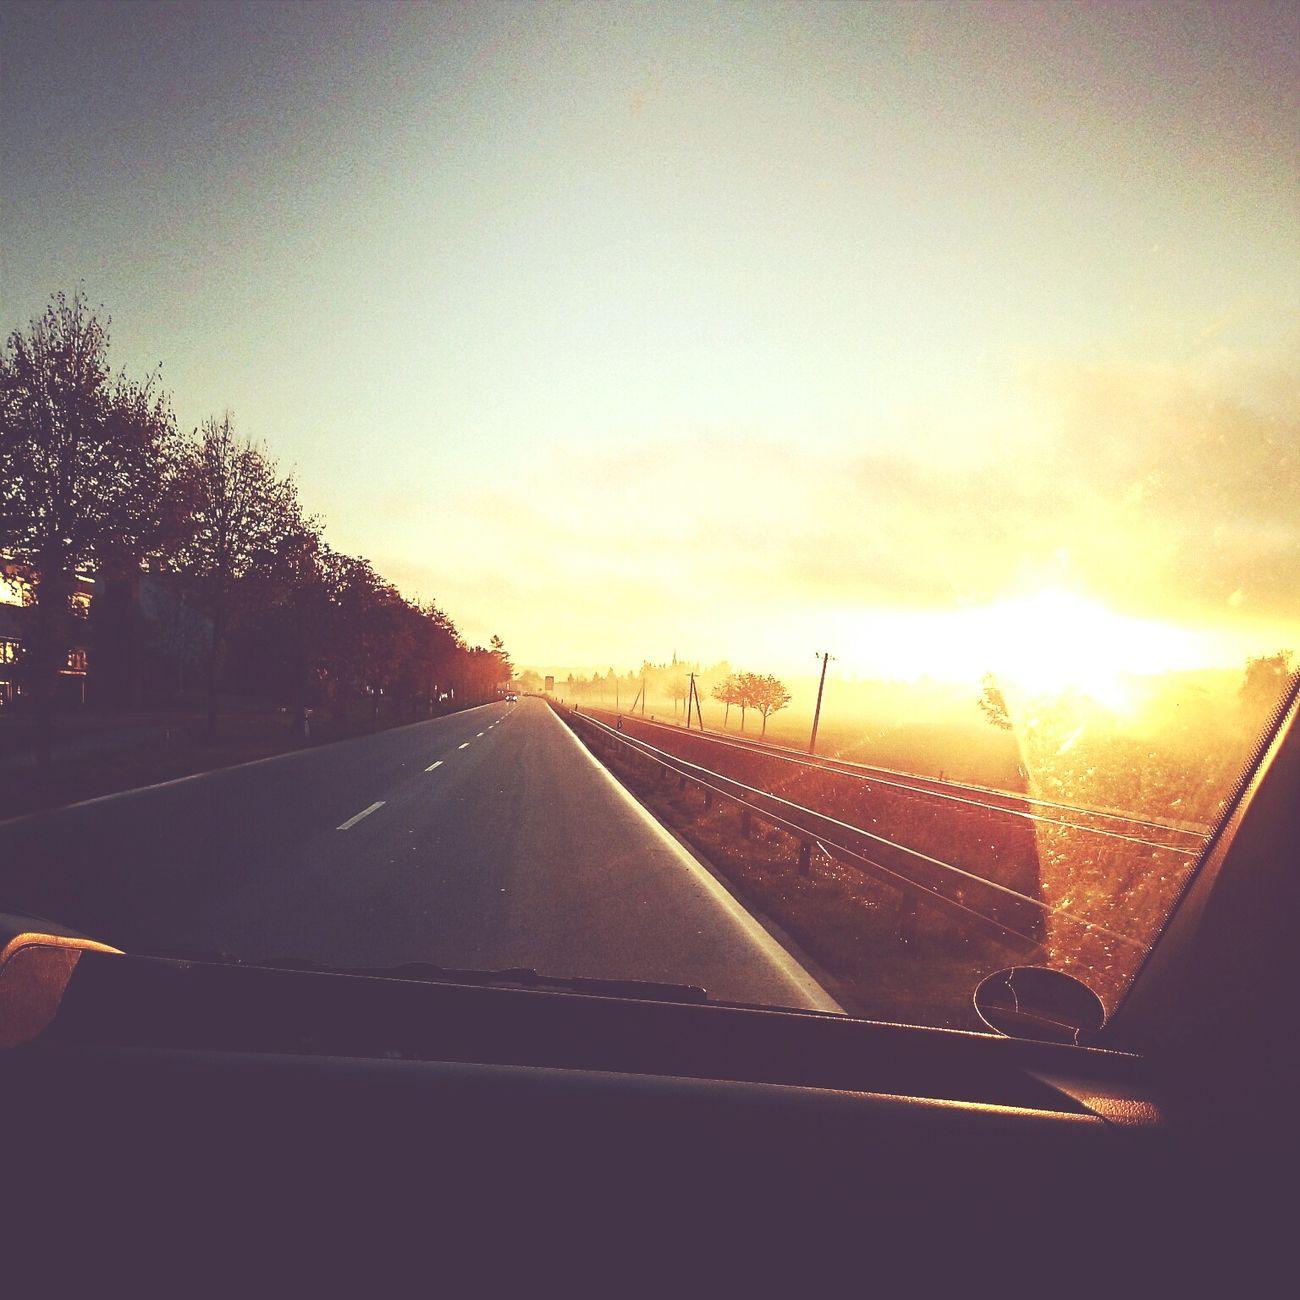 Street Sunrise Taking Photos Enjoying Life Sky